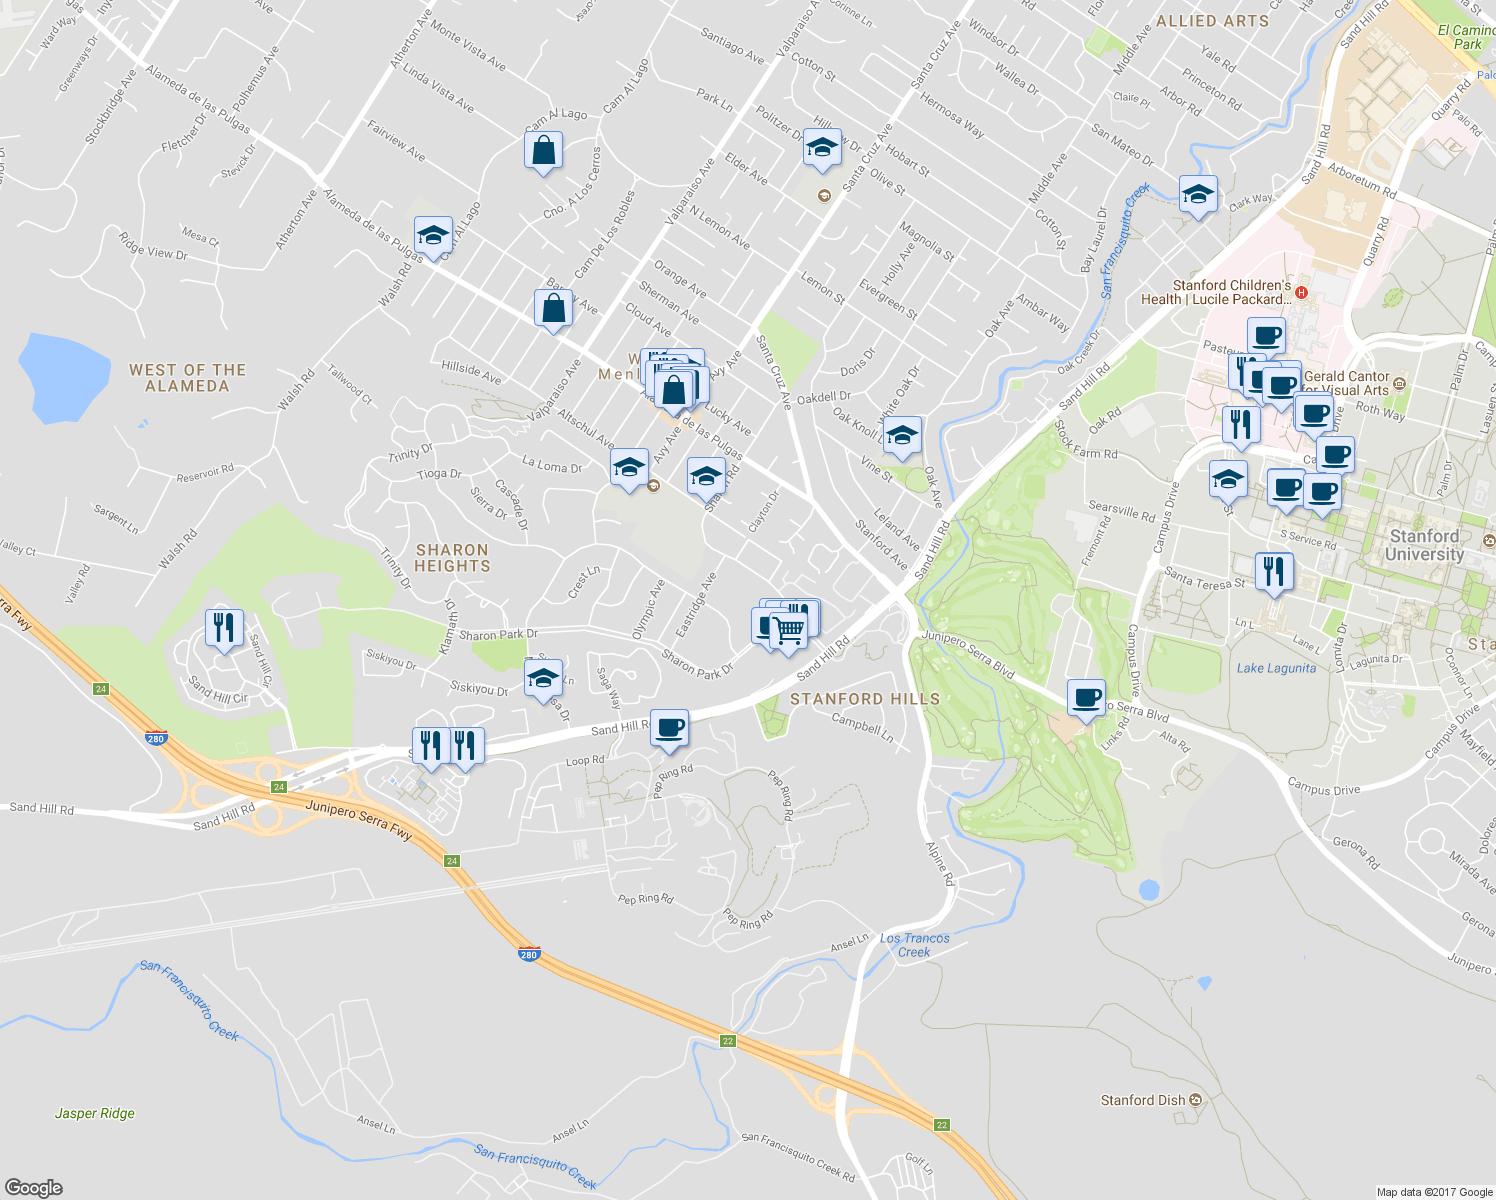 U S Route 101 In California Wikipedia Menlo Park Map - Touran - Menlo Park California Map